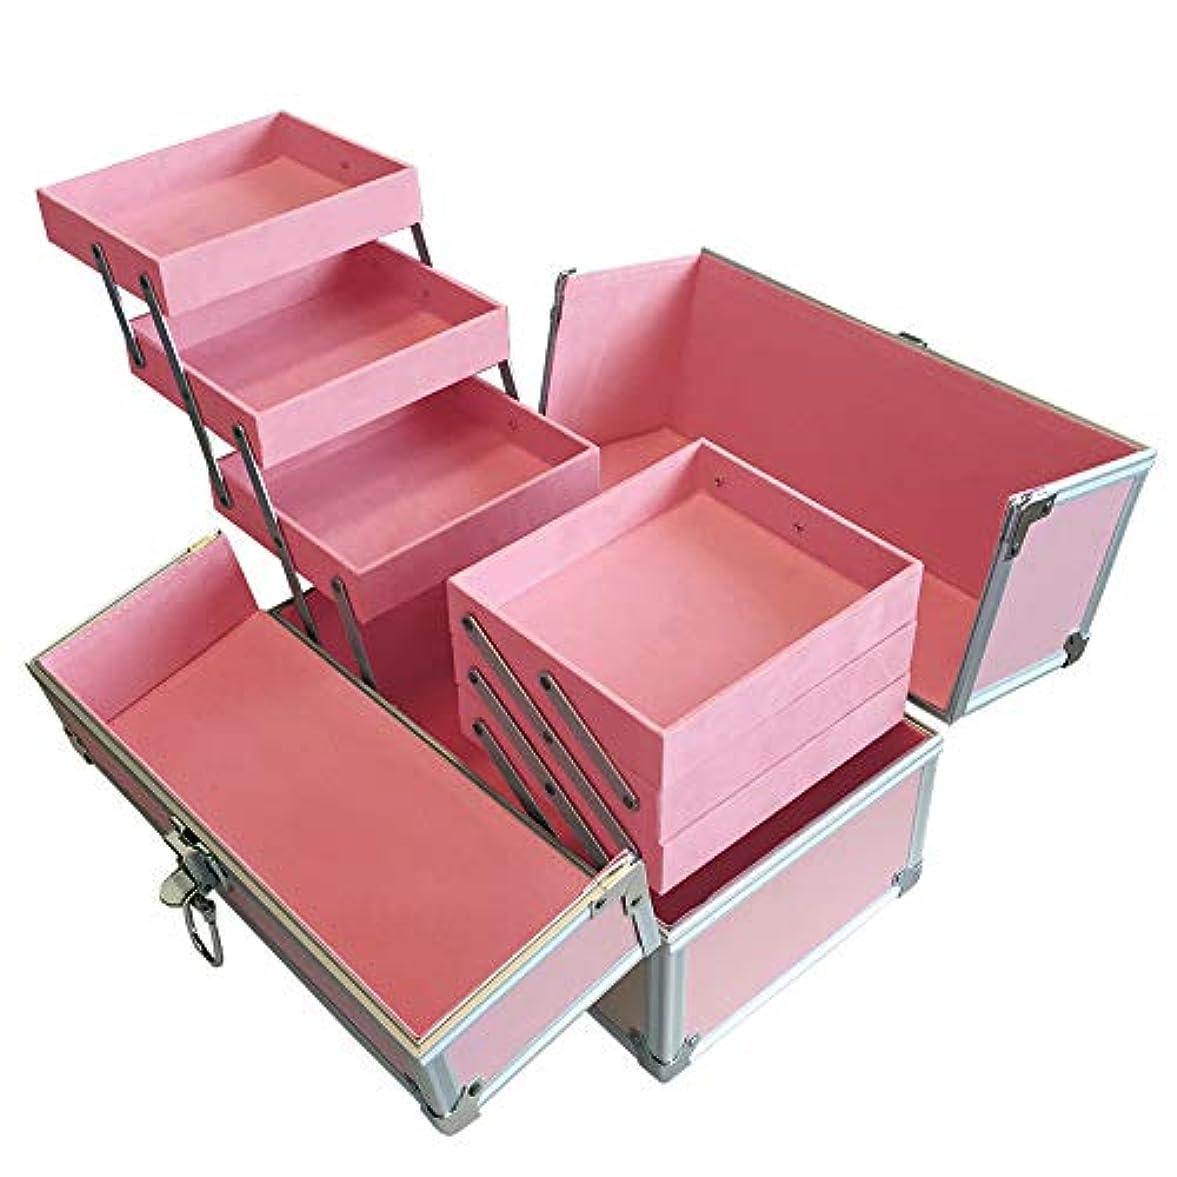 良さ望ましい同級生リライアブル コスメボックス RB003-PP 鍵付き プロ仕様 メイクボックス 大容量 化粧品収納 小物入れ 6段トレー ベロア メイクケース コスメBOX 持ち運び ネイルケース